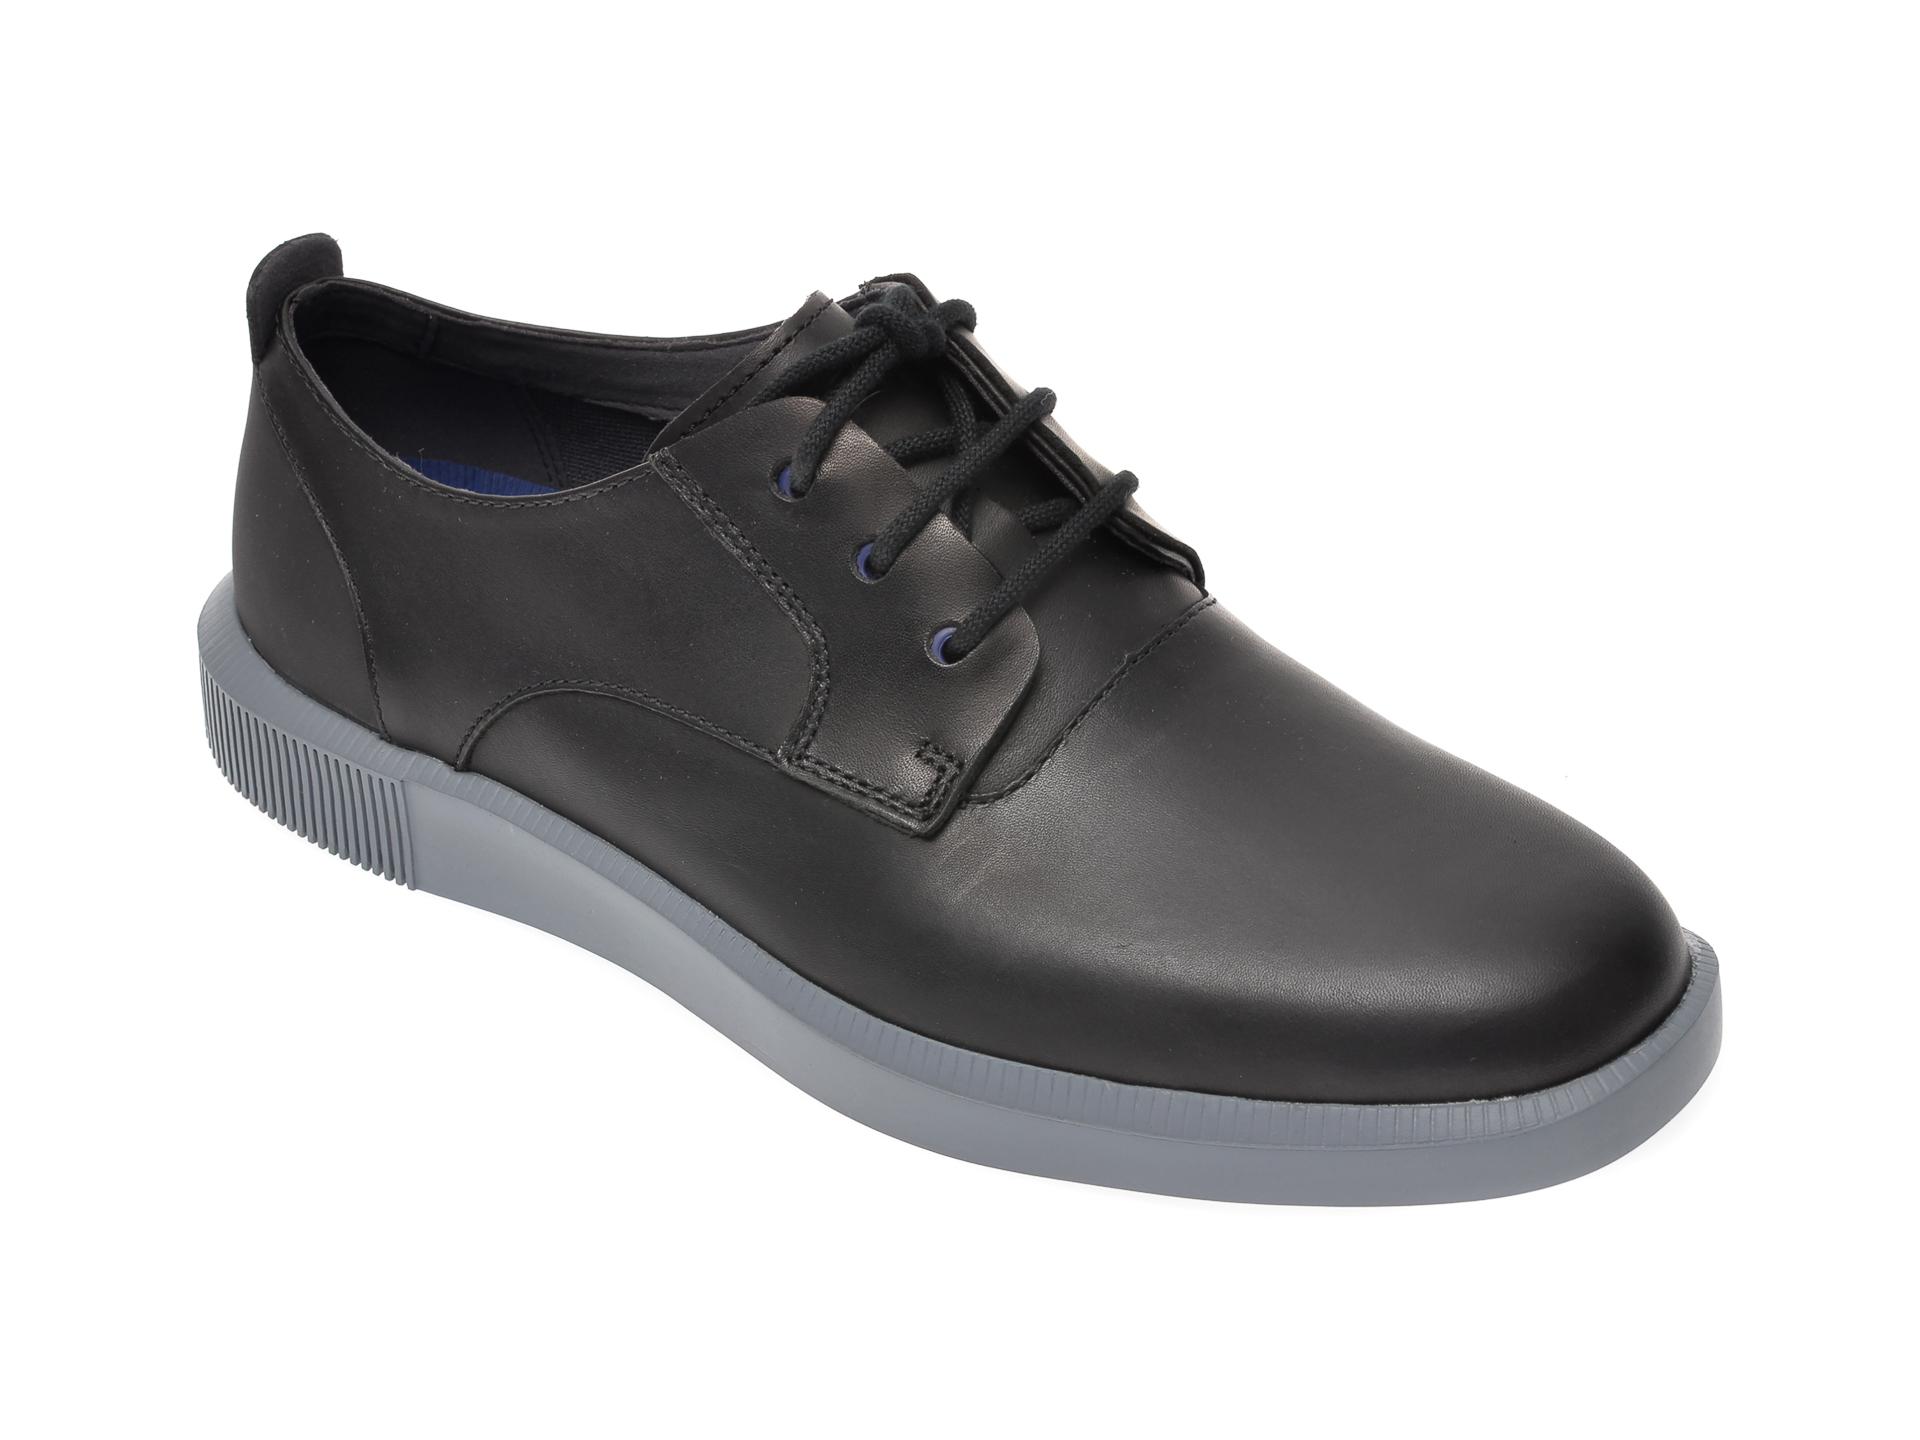 Pantofi CAMPER negri, K100356, din piele naturala imagine